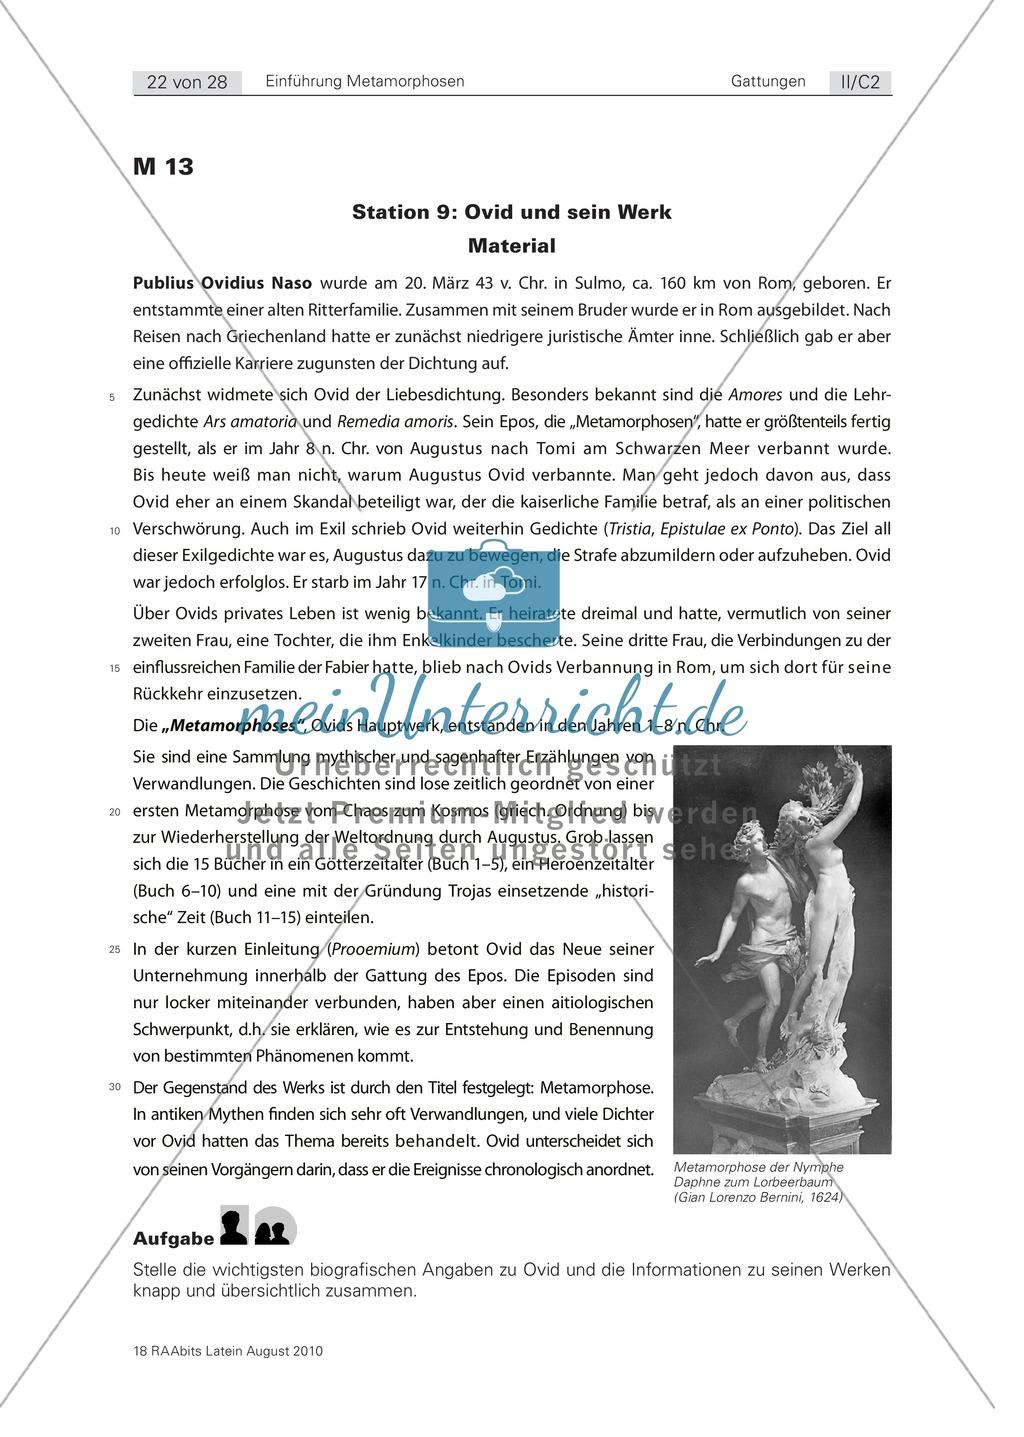 Ovid und sein Werk: Informationstext zur Biographie Ovids und der Entstehungsgeschichte seiner Werke. Mit Material für Zusatzaufgabe und Lösung. Preview 0